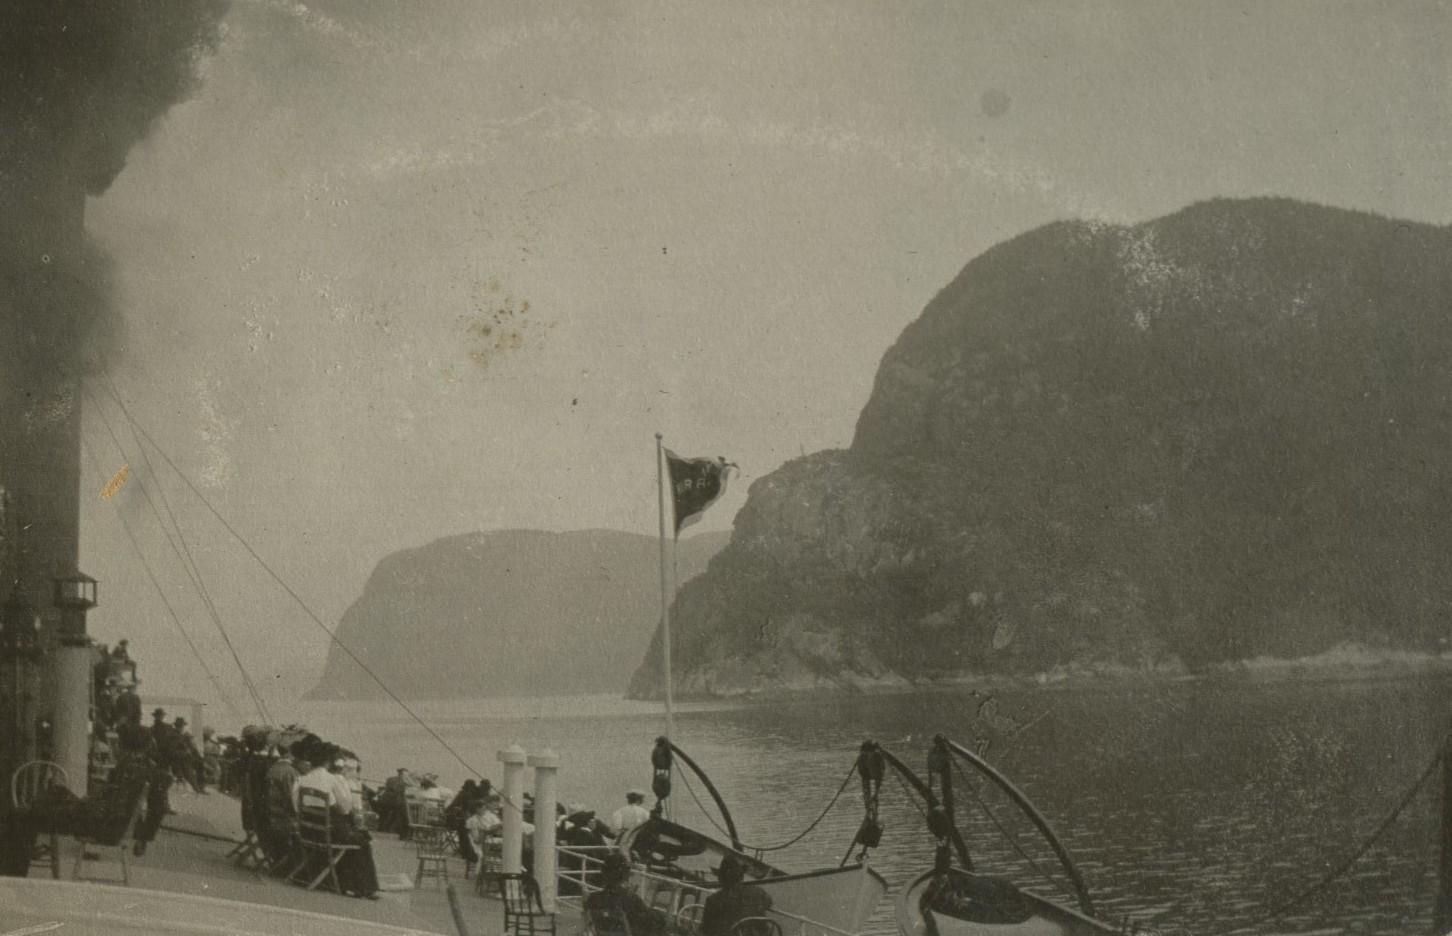 Des passagers sont assis sur le pont d'un navire à vapeur. Ils observent les rochers abrupts sur la rive.